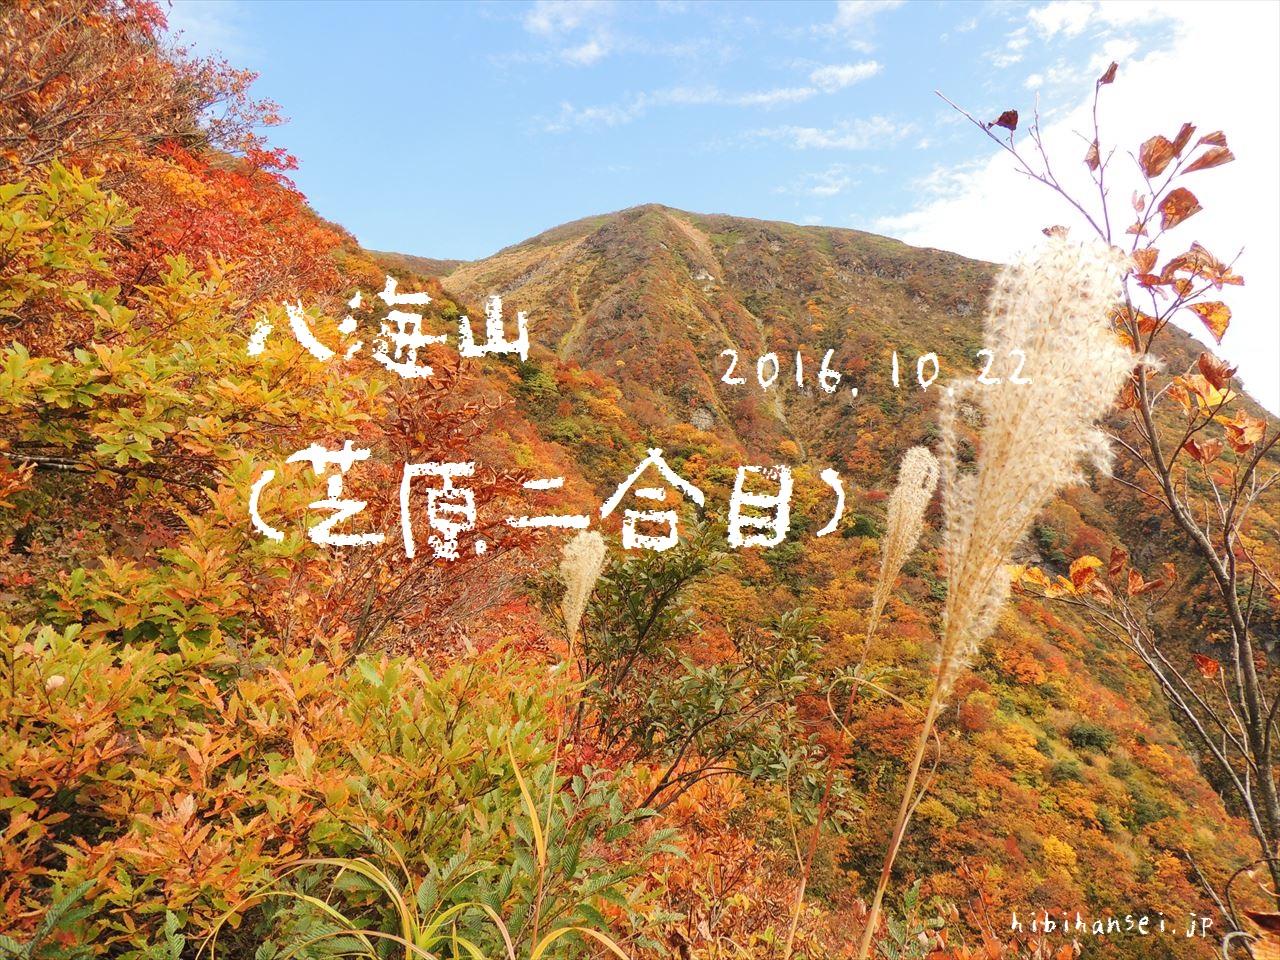 八海山 紅葉登山(屏風尾根) 萌える秋に色付く八ツ峰(2016.10.22)